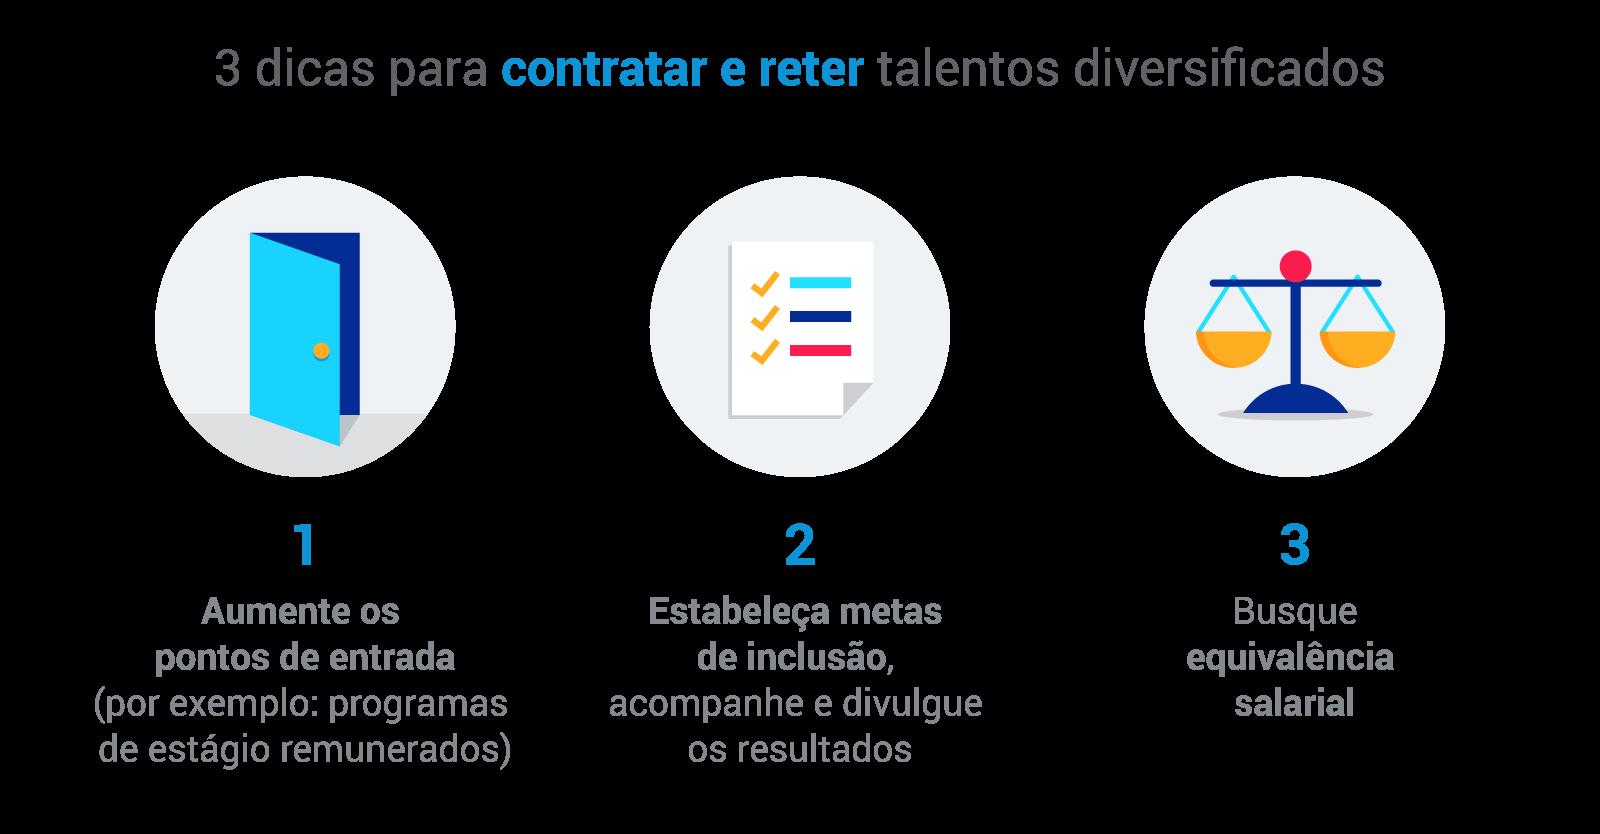 O poder da diferença: como marcas e agências podem contratar e manter equipes diversificadas